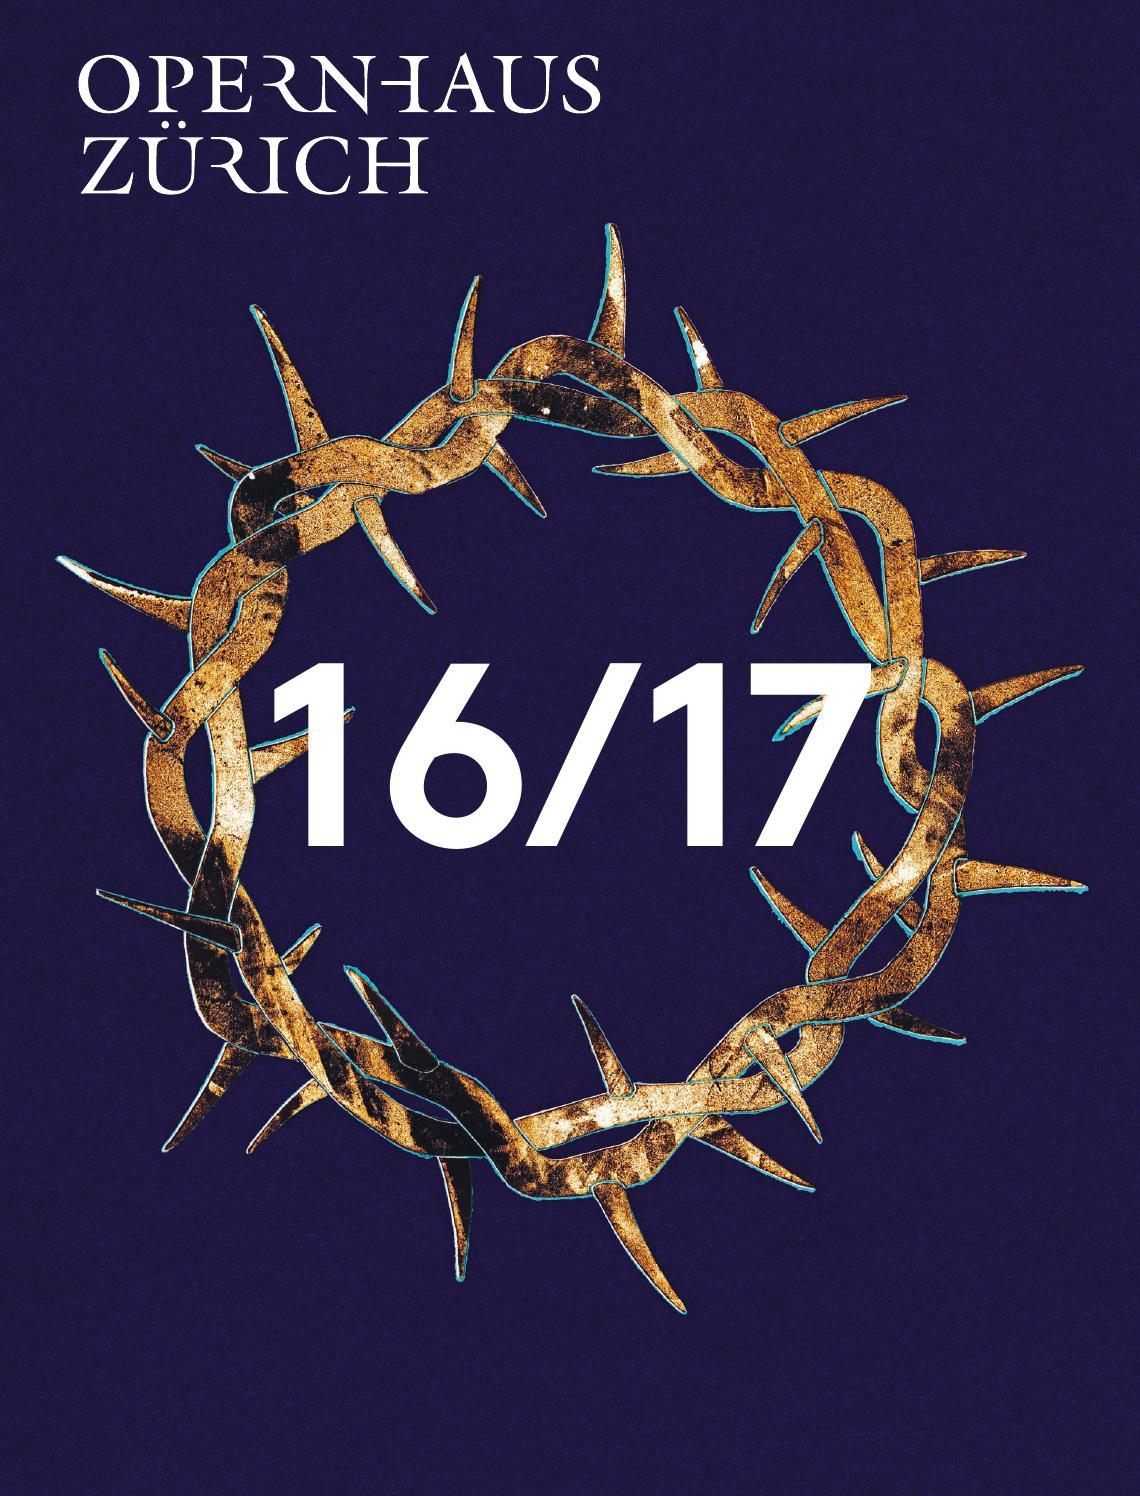 Saisonbuch 2016/17 by Opernhaus Zürich - issuu